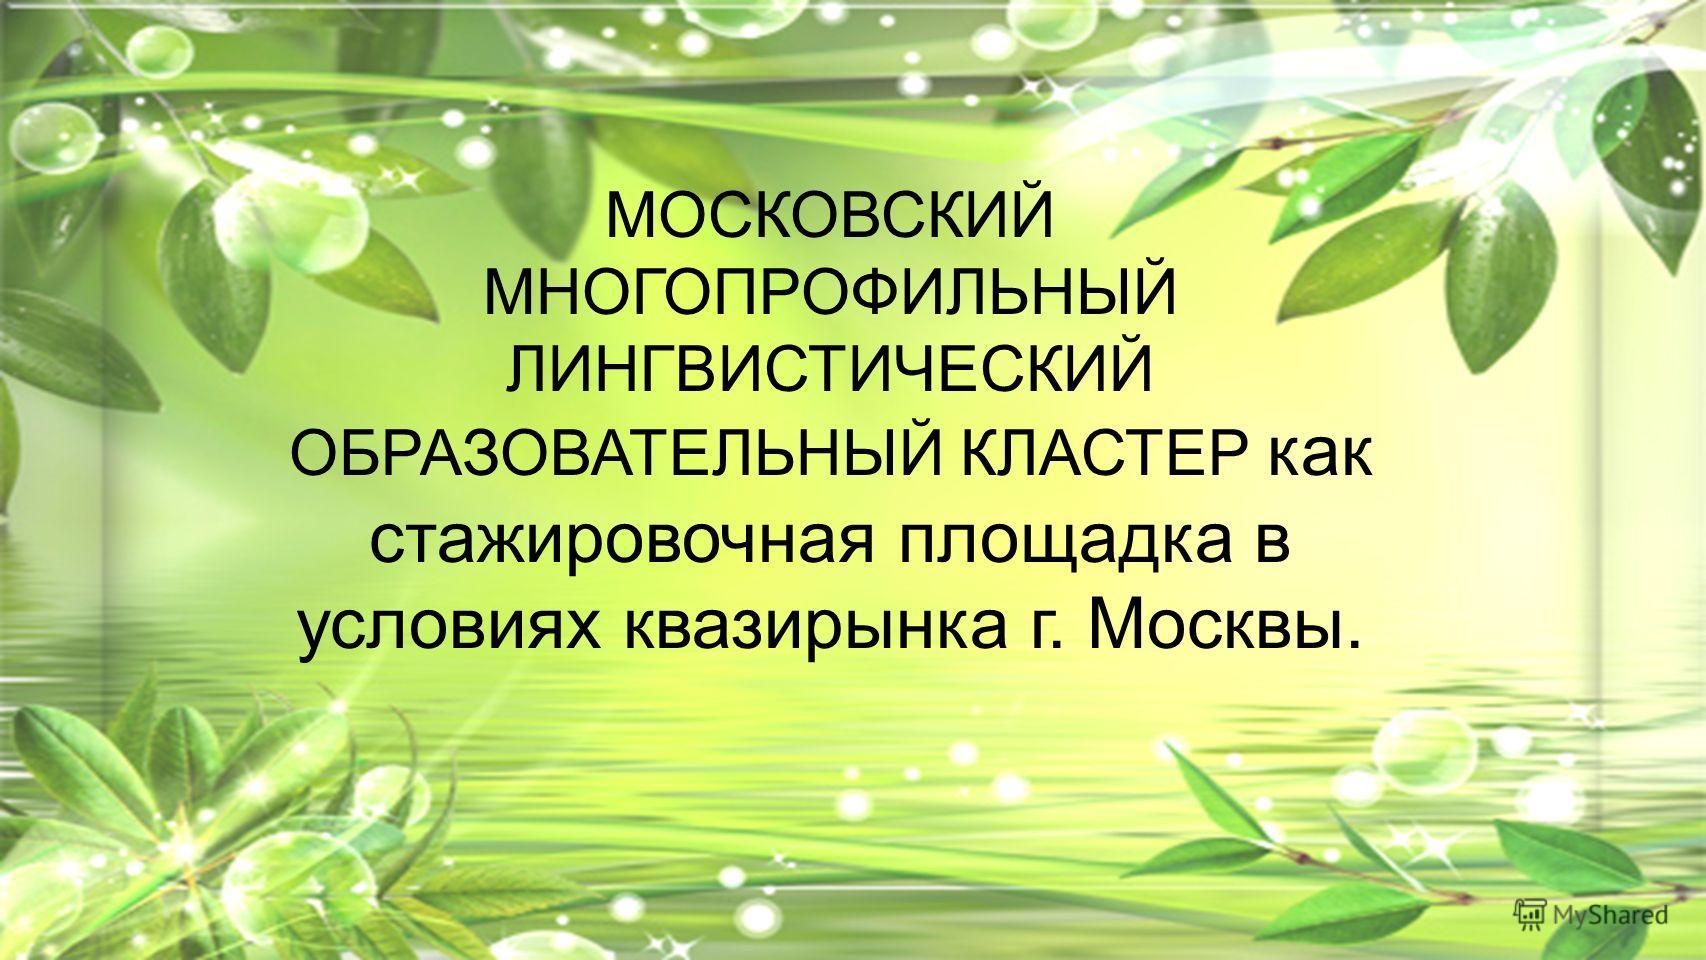 МОСКОВСКИЙ МНОГОПРОФИЛЬНЫЙ ЛИНГВИСТИЧЕСКИЙ ОБРАЗОВАТЕЛЬНЫЙ КЛАСТЕР как стажировочная площадка в условиях квазирынка г. Москвы.